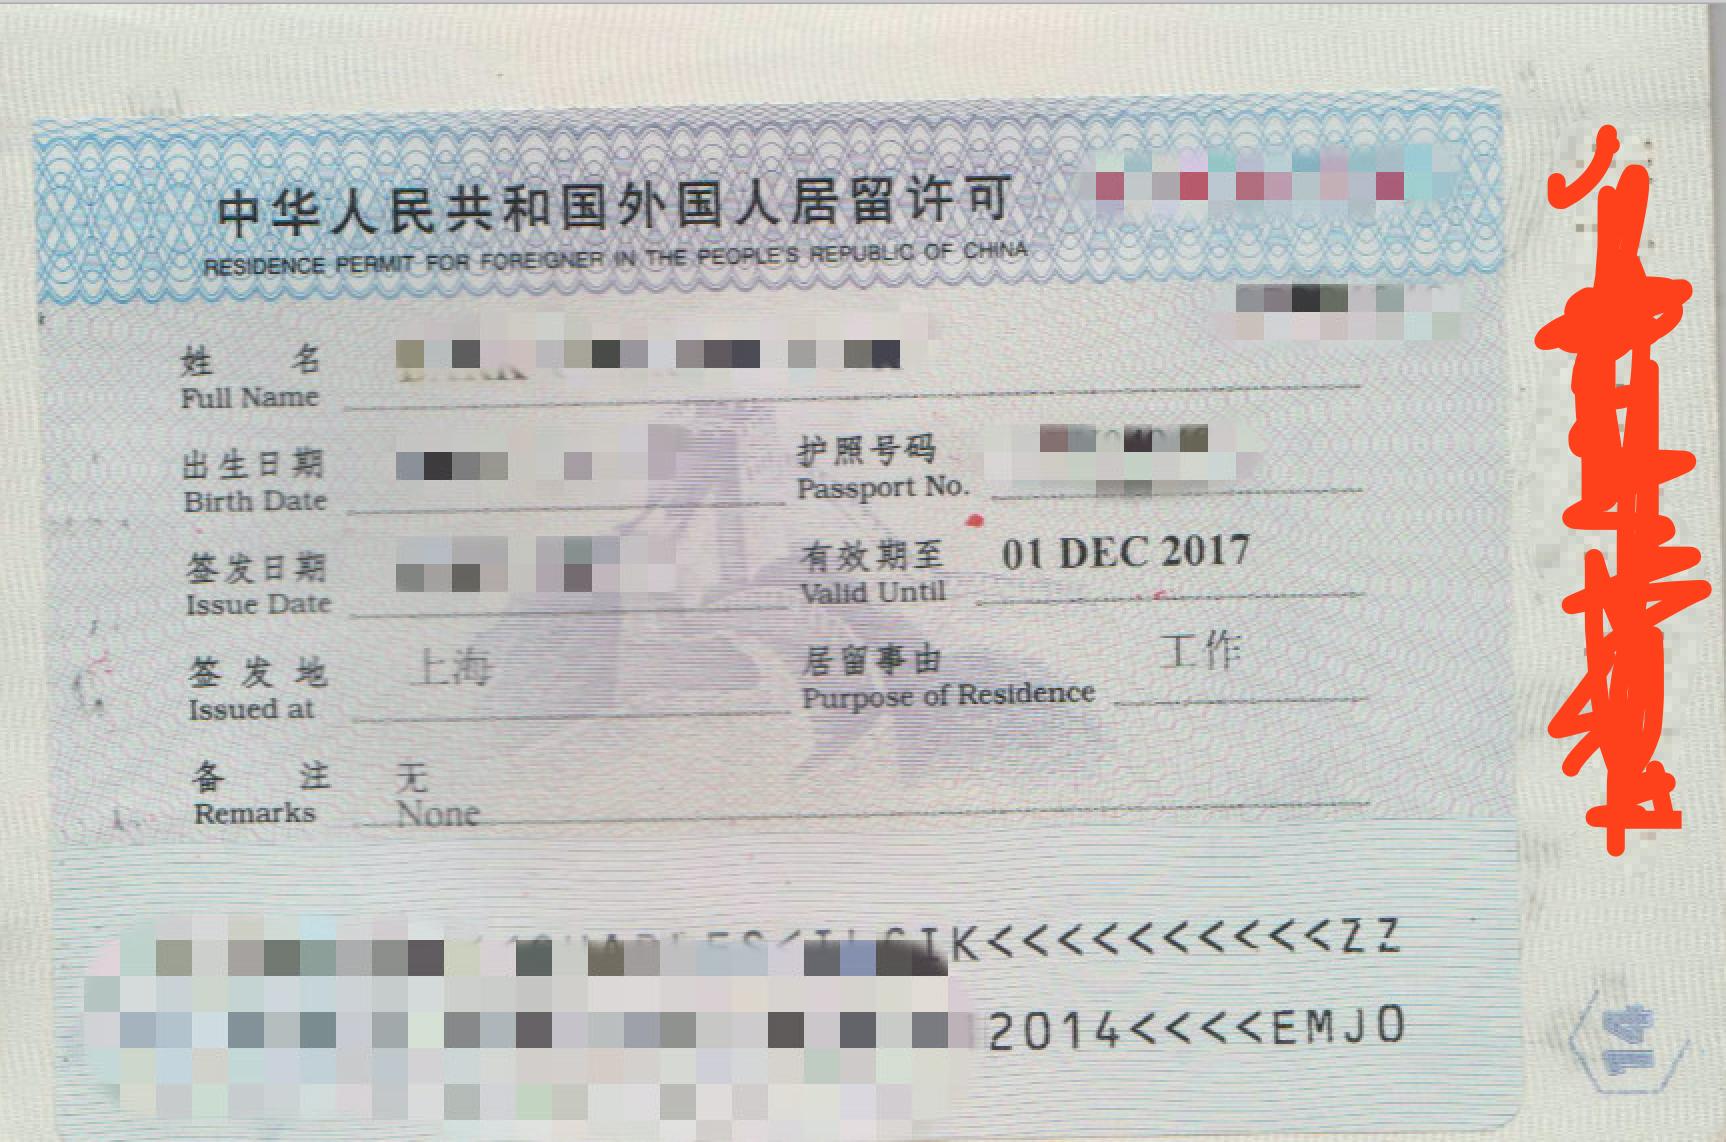 z visa image